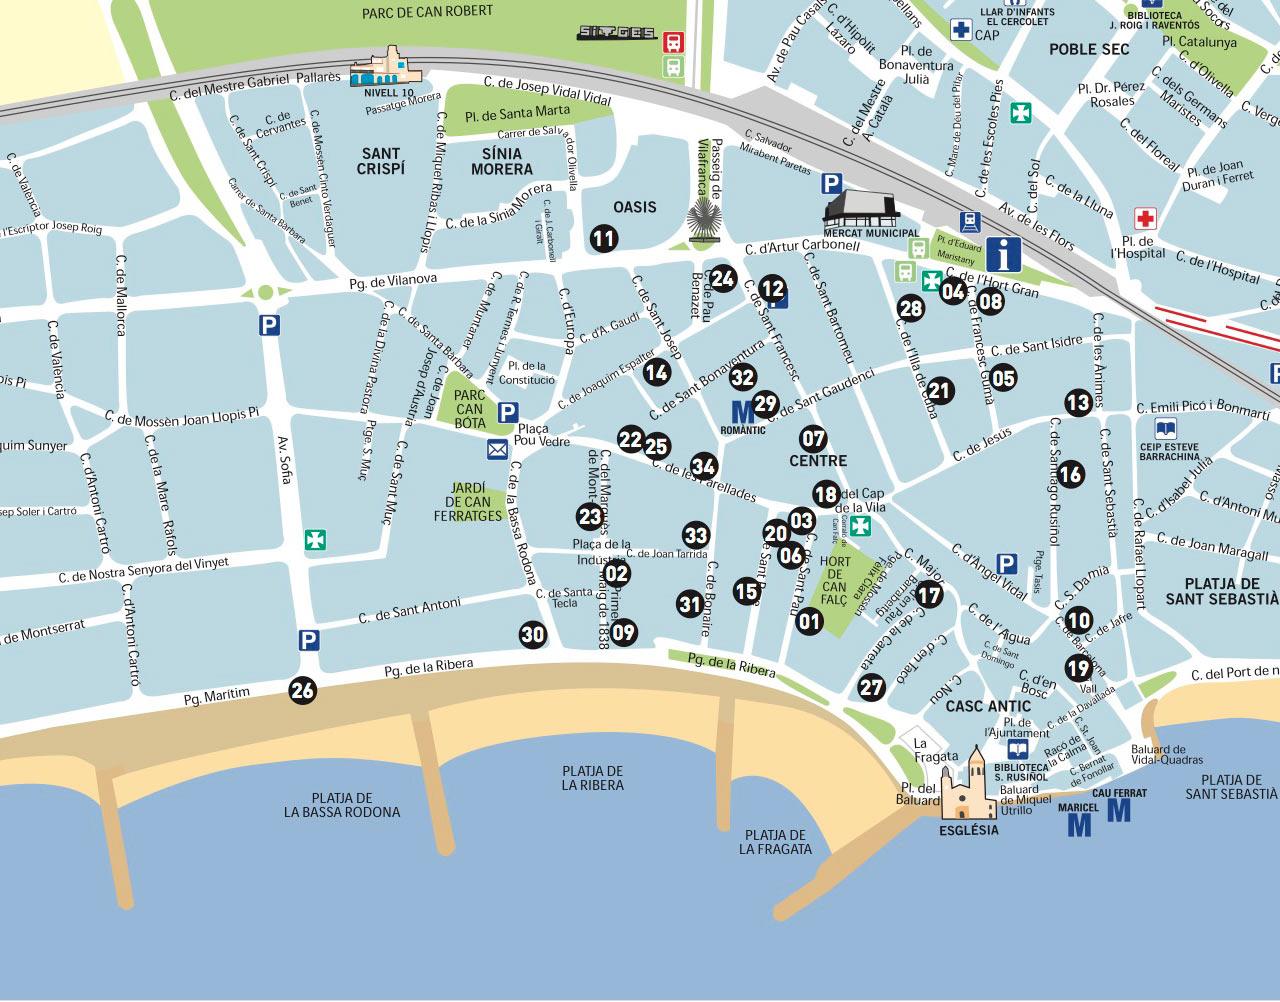 Sitges Tapas Route Map